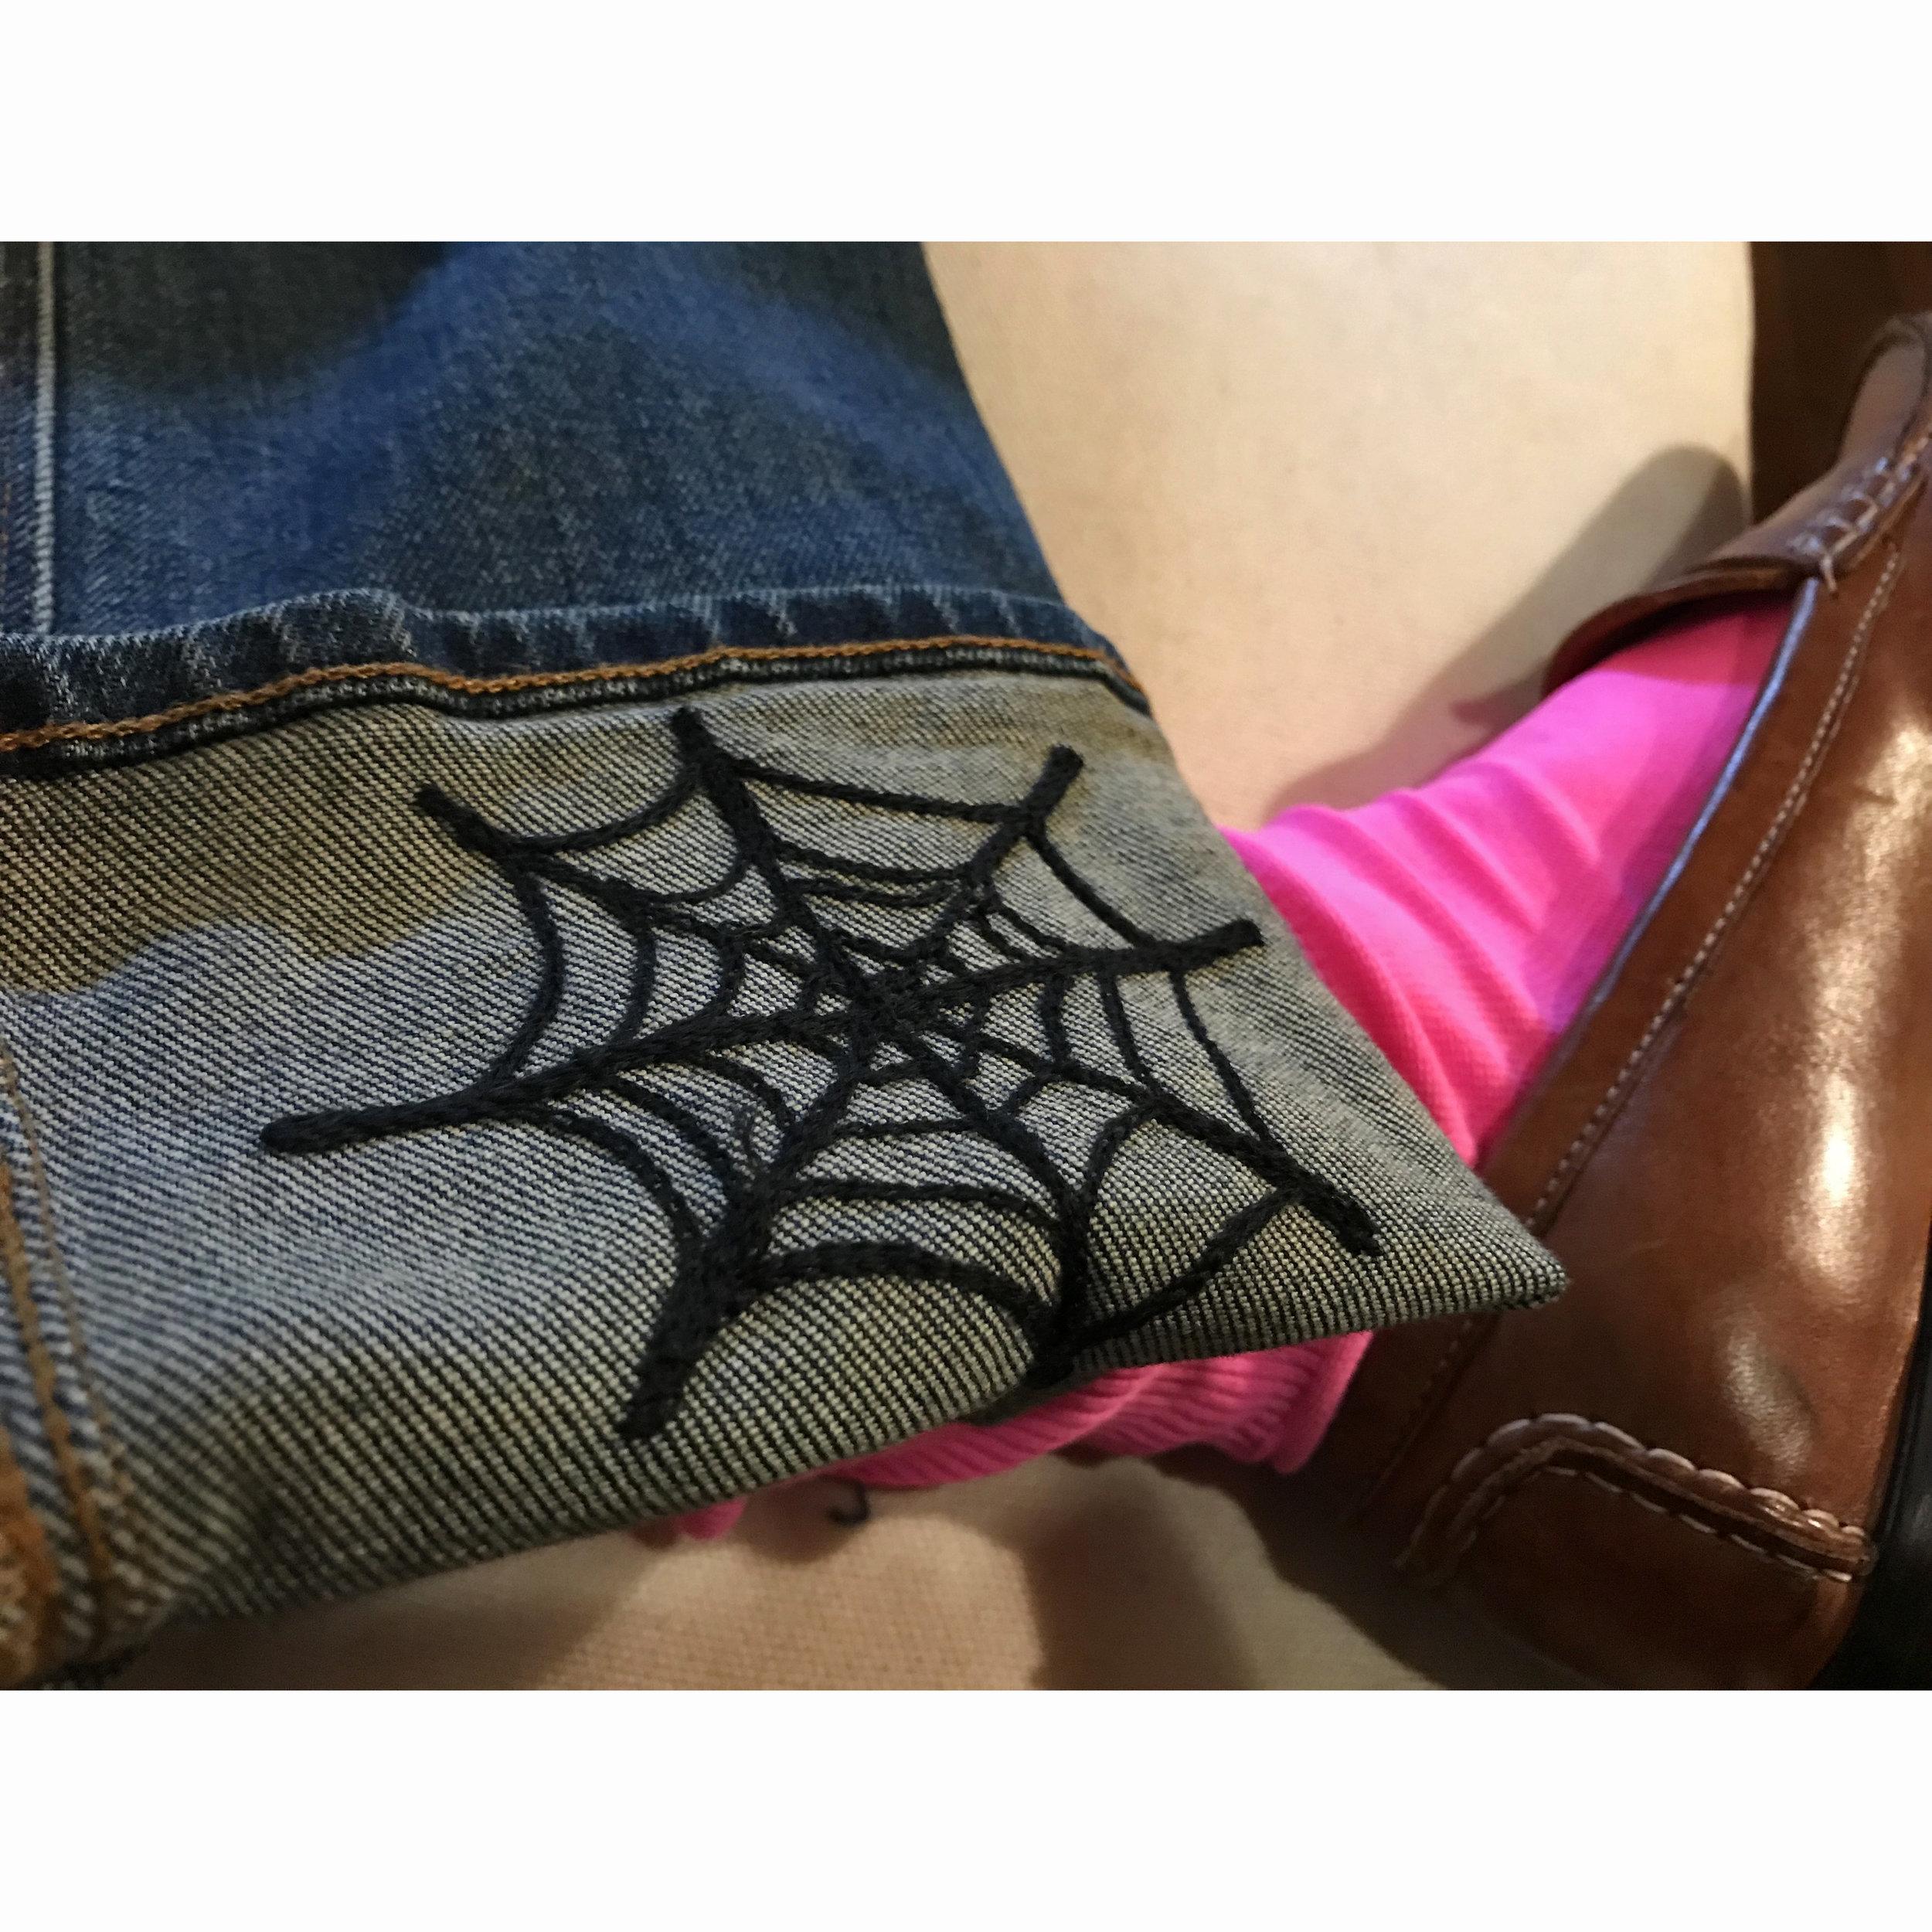 Spider Cuff Loafer 2 copy.jpg